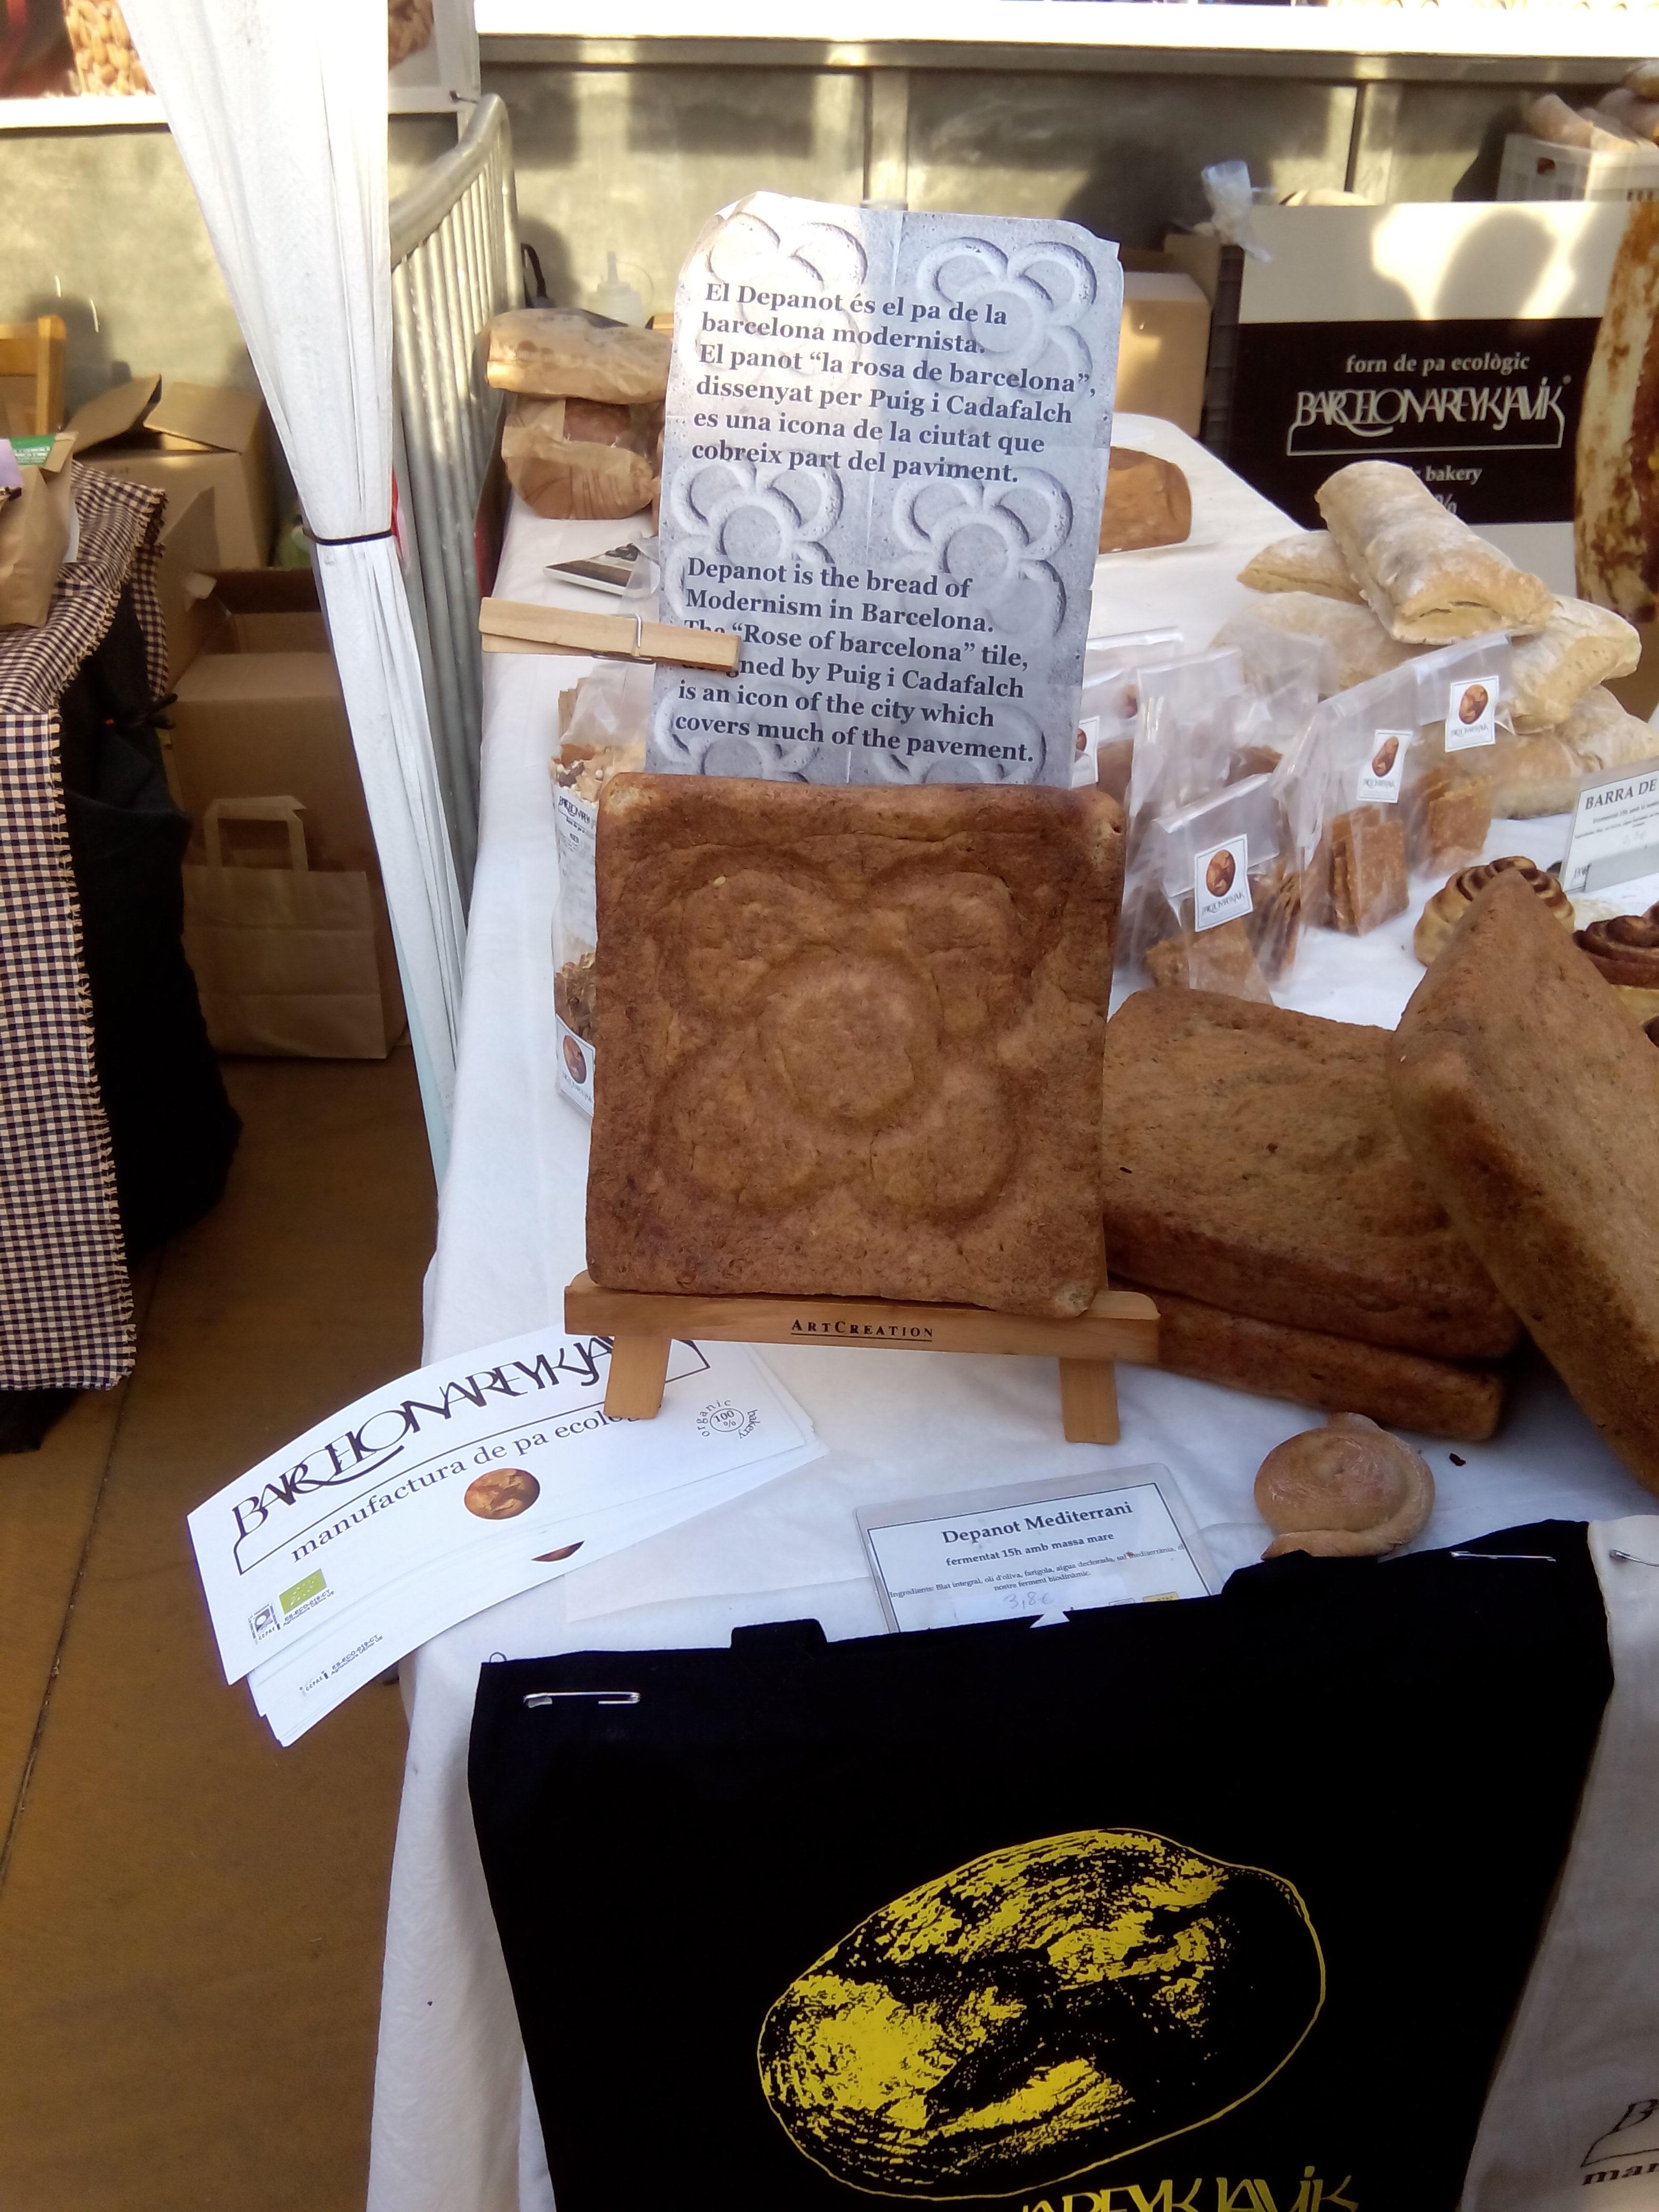 """Lo que más me gustó del mercado: un pan con la forma del tradicional """"panot"""" de las aceras barcelonesas, obra de la panadería Barcelona Reykjavik :-)"""